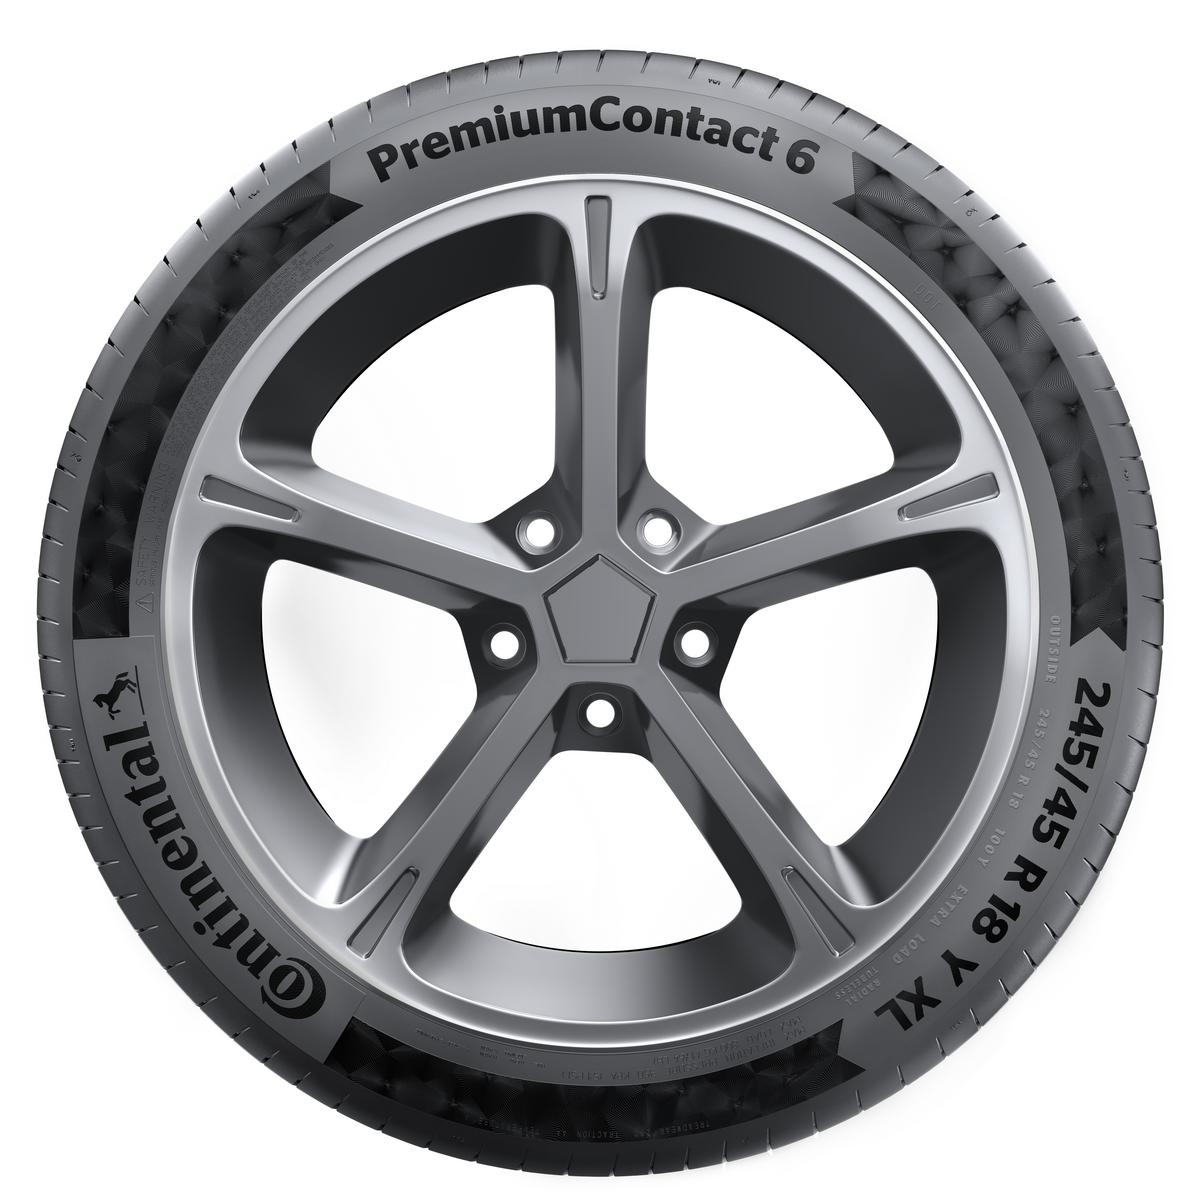 01 - 大檔 Continental PremiumContact 6 Side Print.png